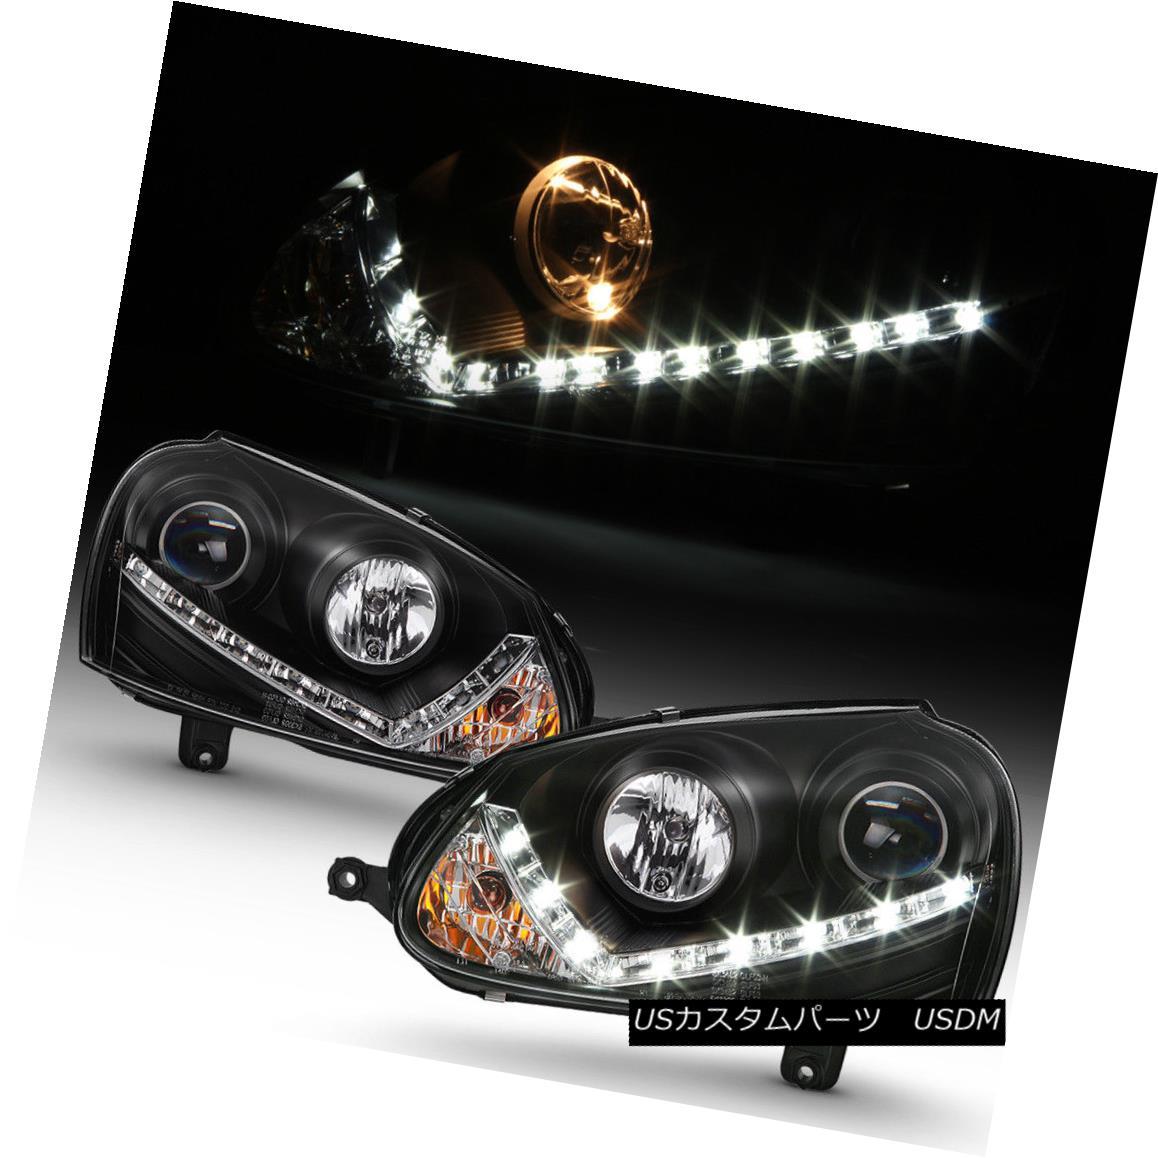 ヘッドライト 2006-2009 VW GTI Jetta Rabbit Projector Headlights w/LED Daytime Running Lamps 2006?2009年VW GTIジェッタラビットプロジェクターヘッドライト(LEDデイタイムランニングランプ付)